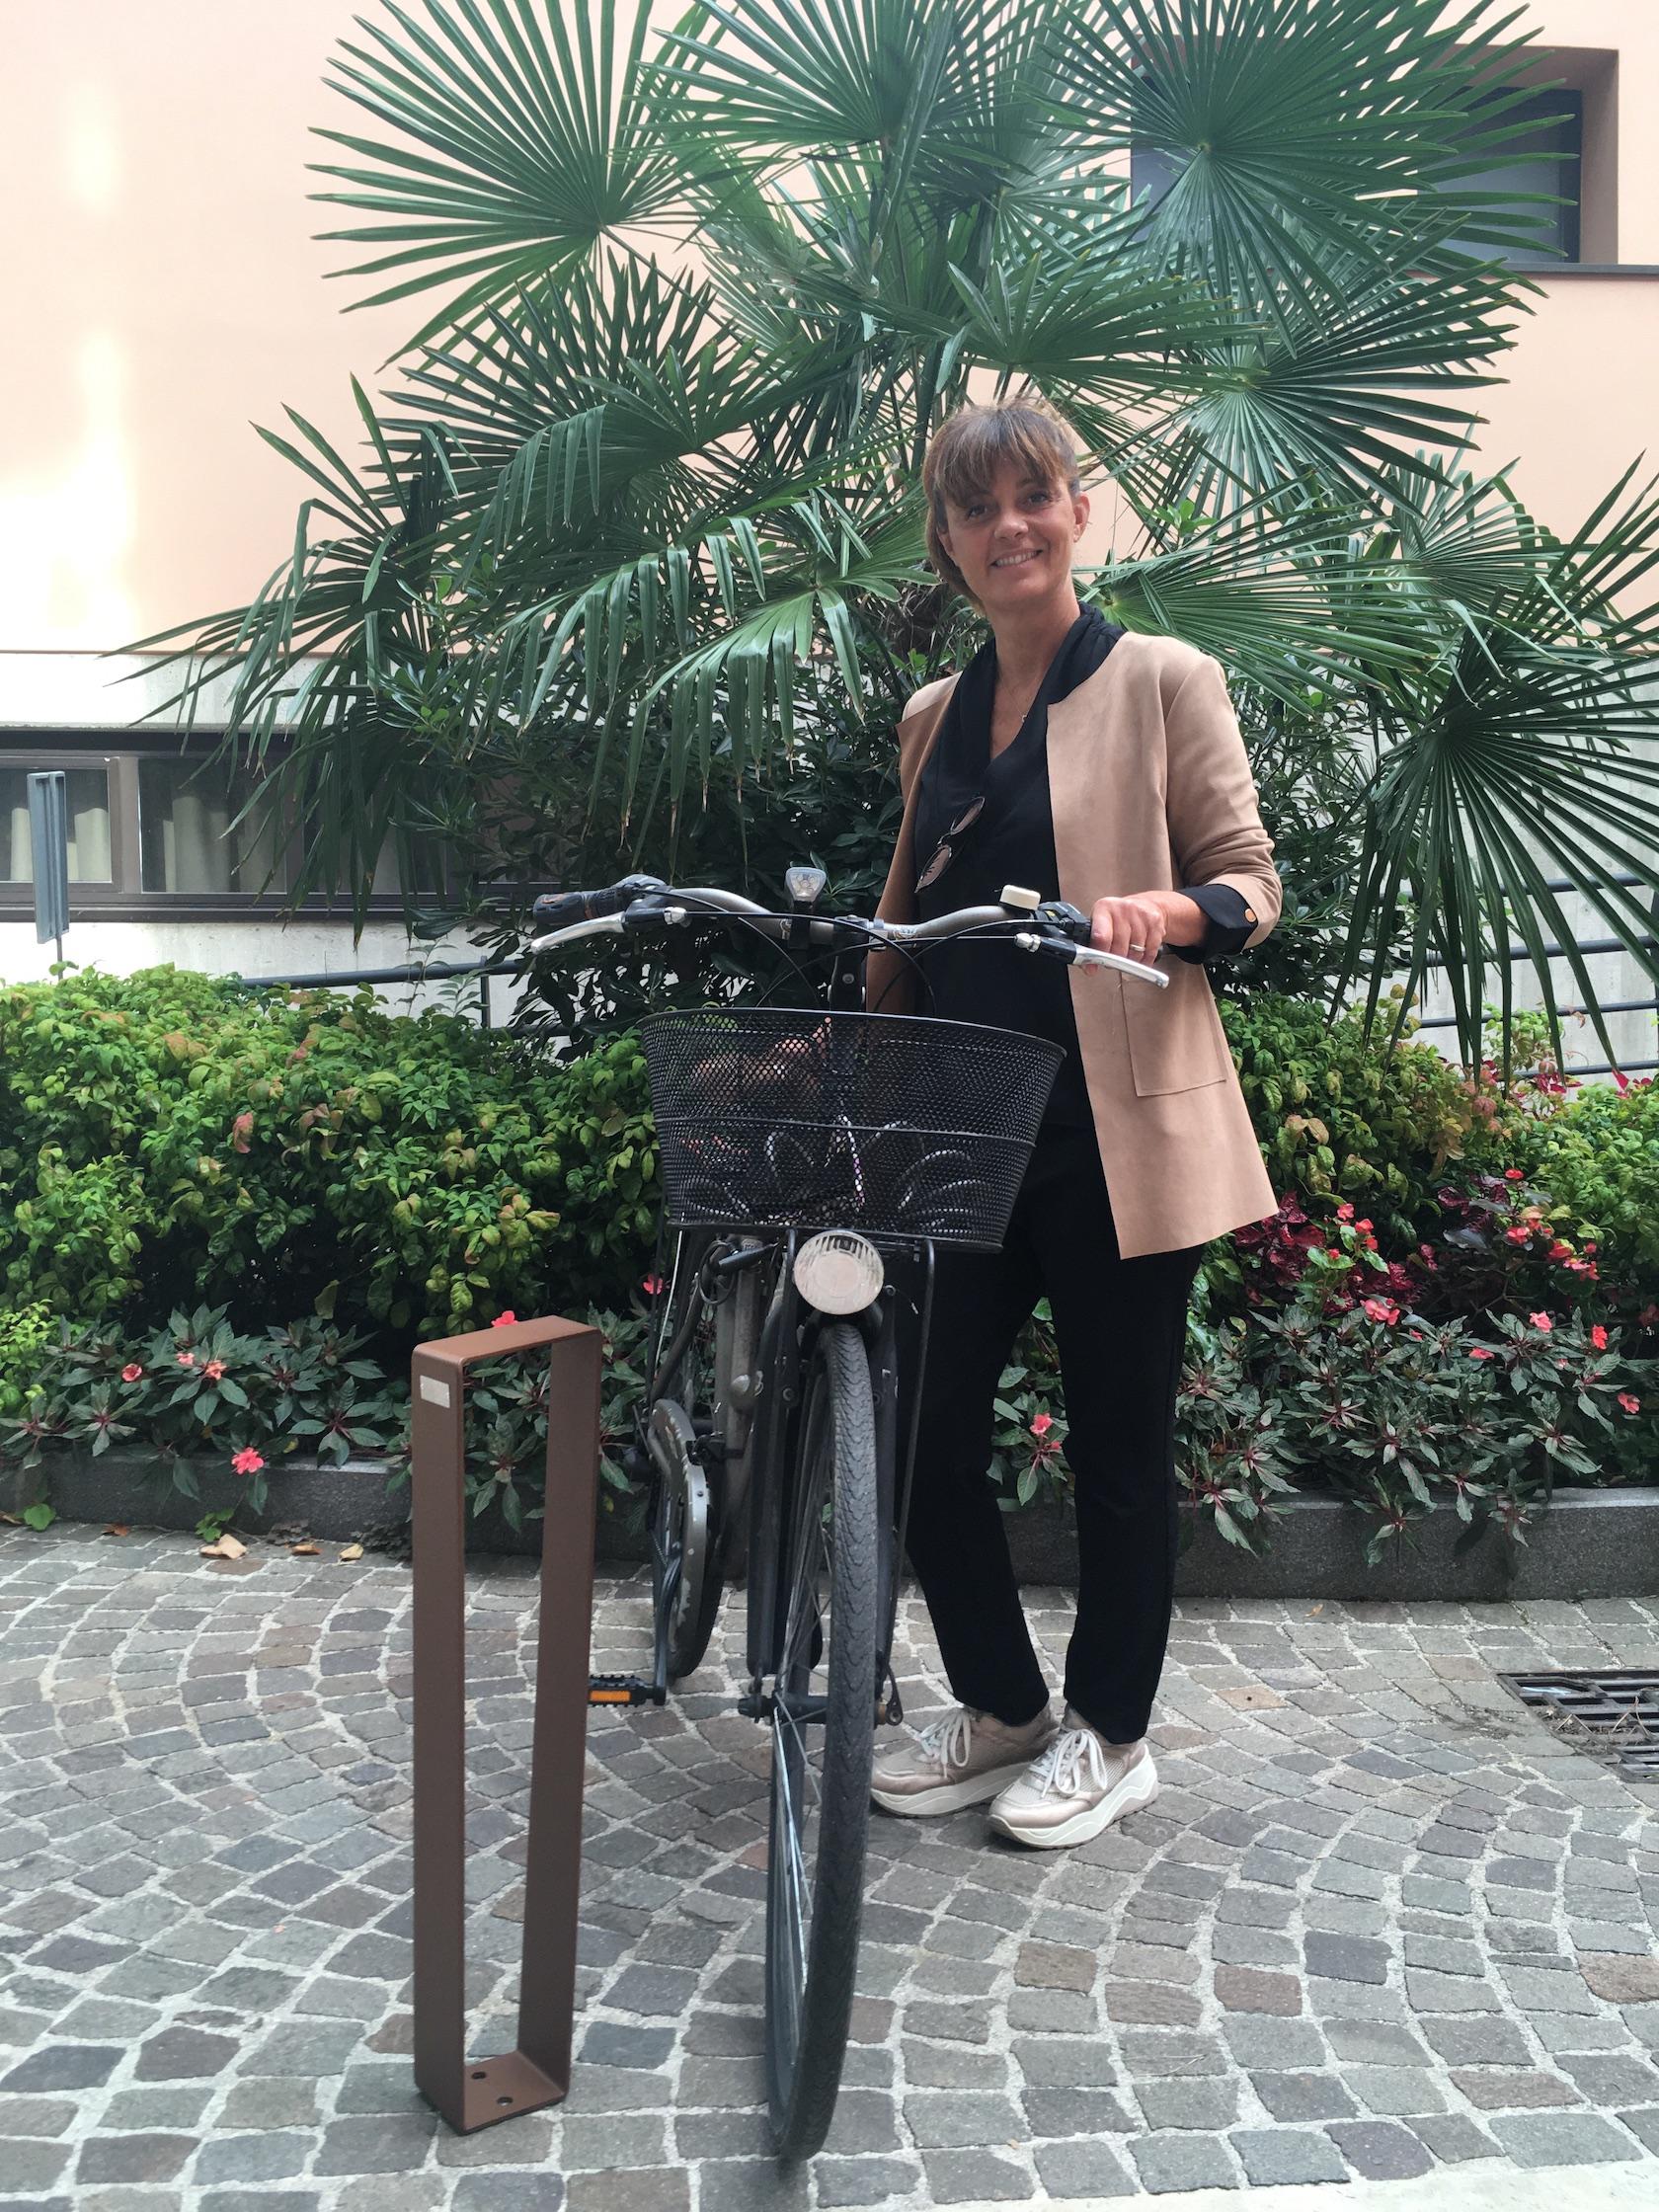 L'assessore Ermeti mostra i nuovi stalli per le bici